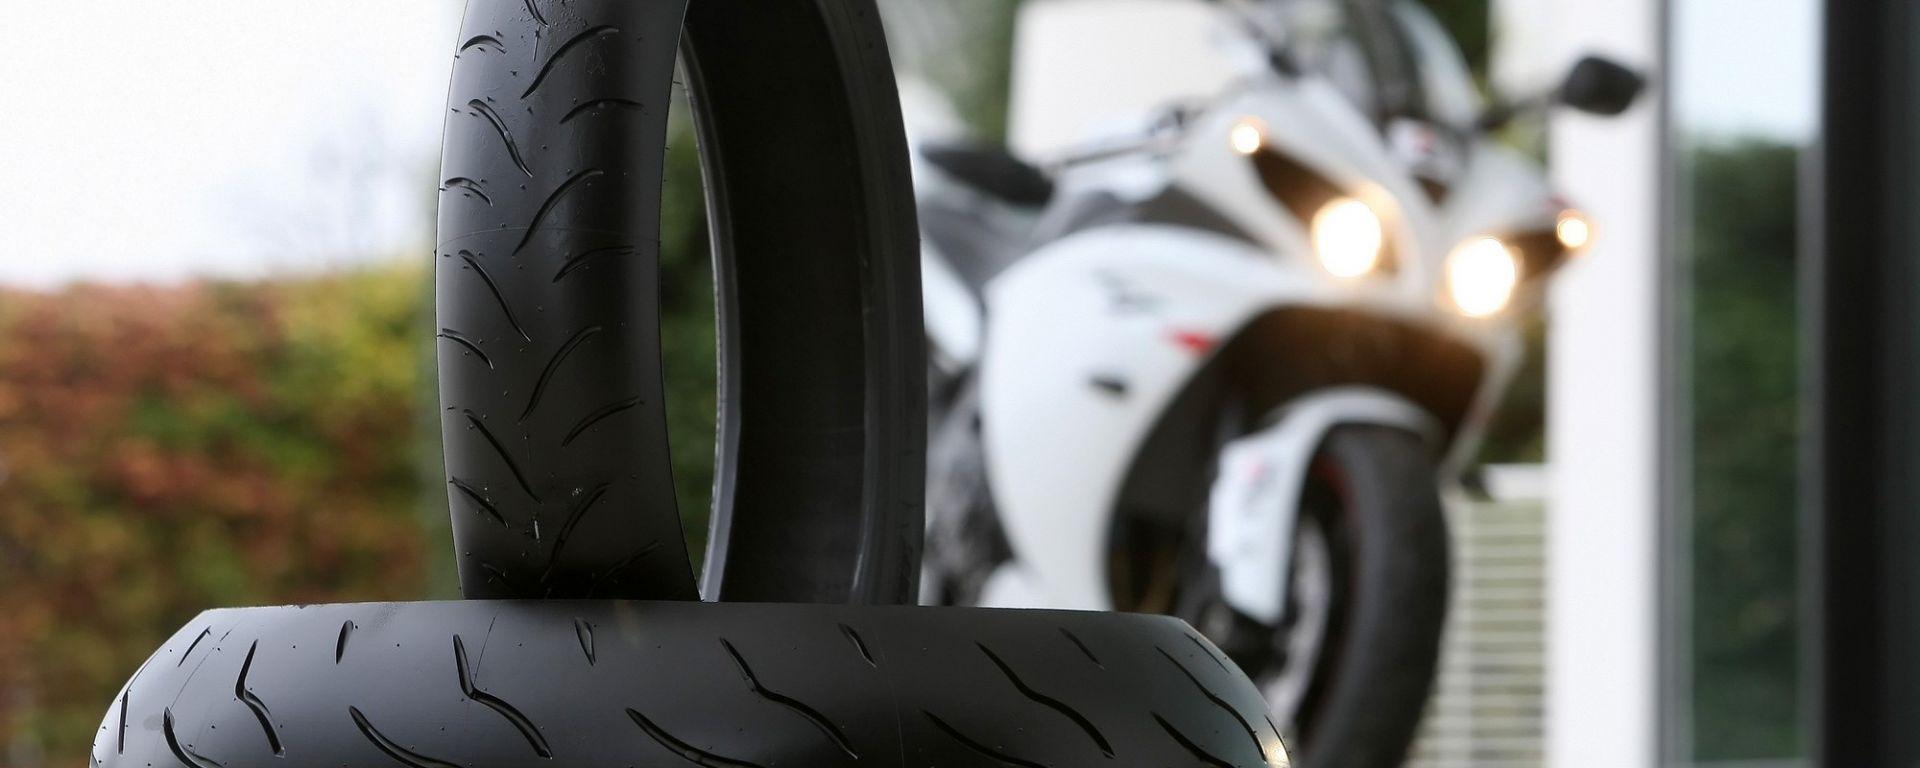 Bridgestone BT016 Pro e R10